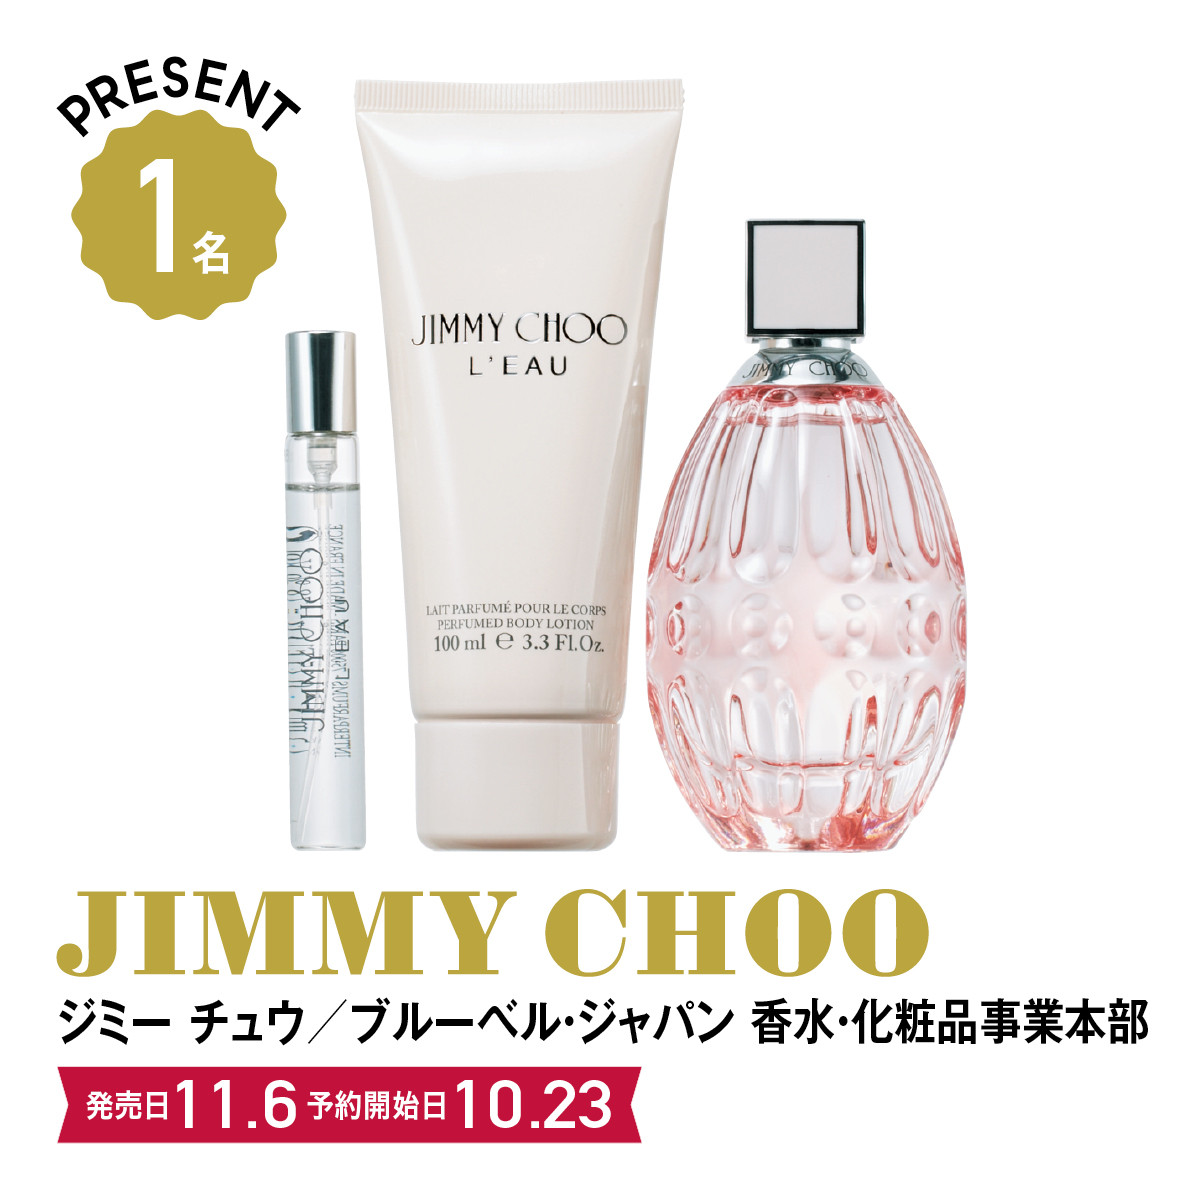 2019クリスマスコフレ&限定品:JIMMY CHOO/ジミー チュウ